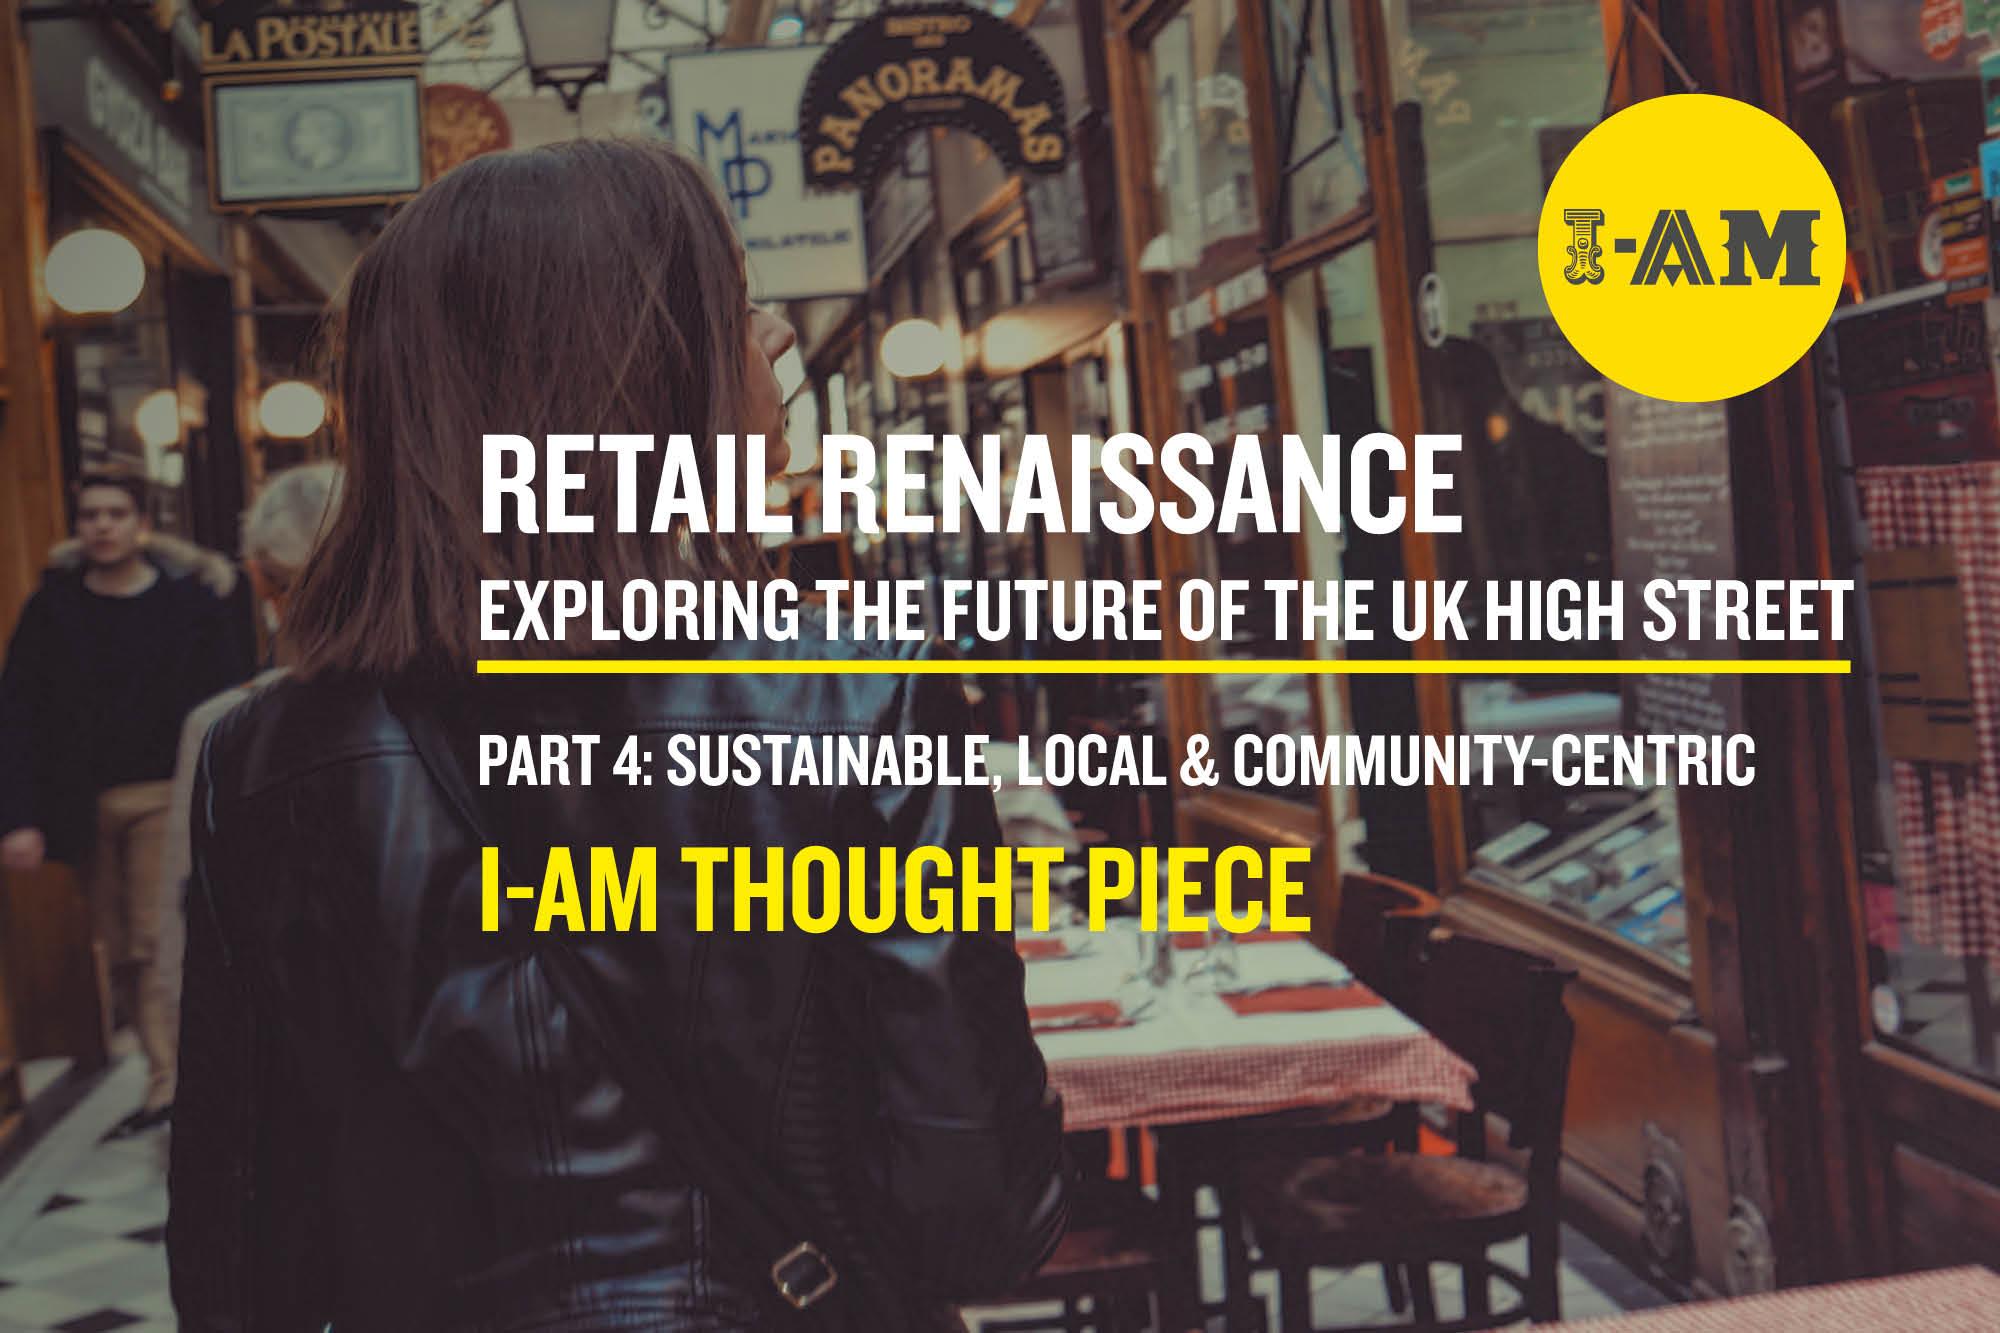 retail renaissance_FEATURED IMAGE PART 4